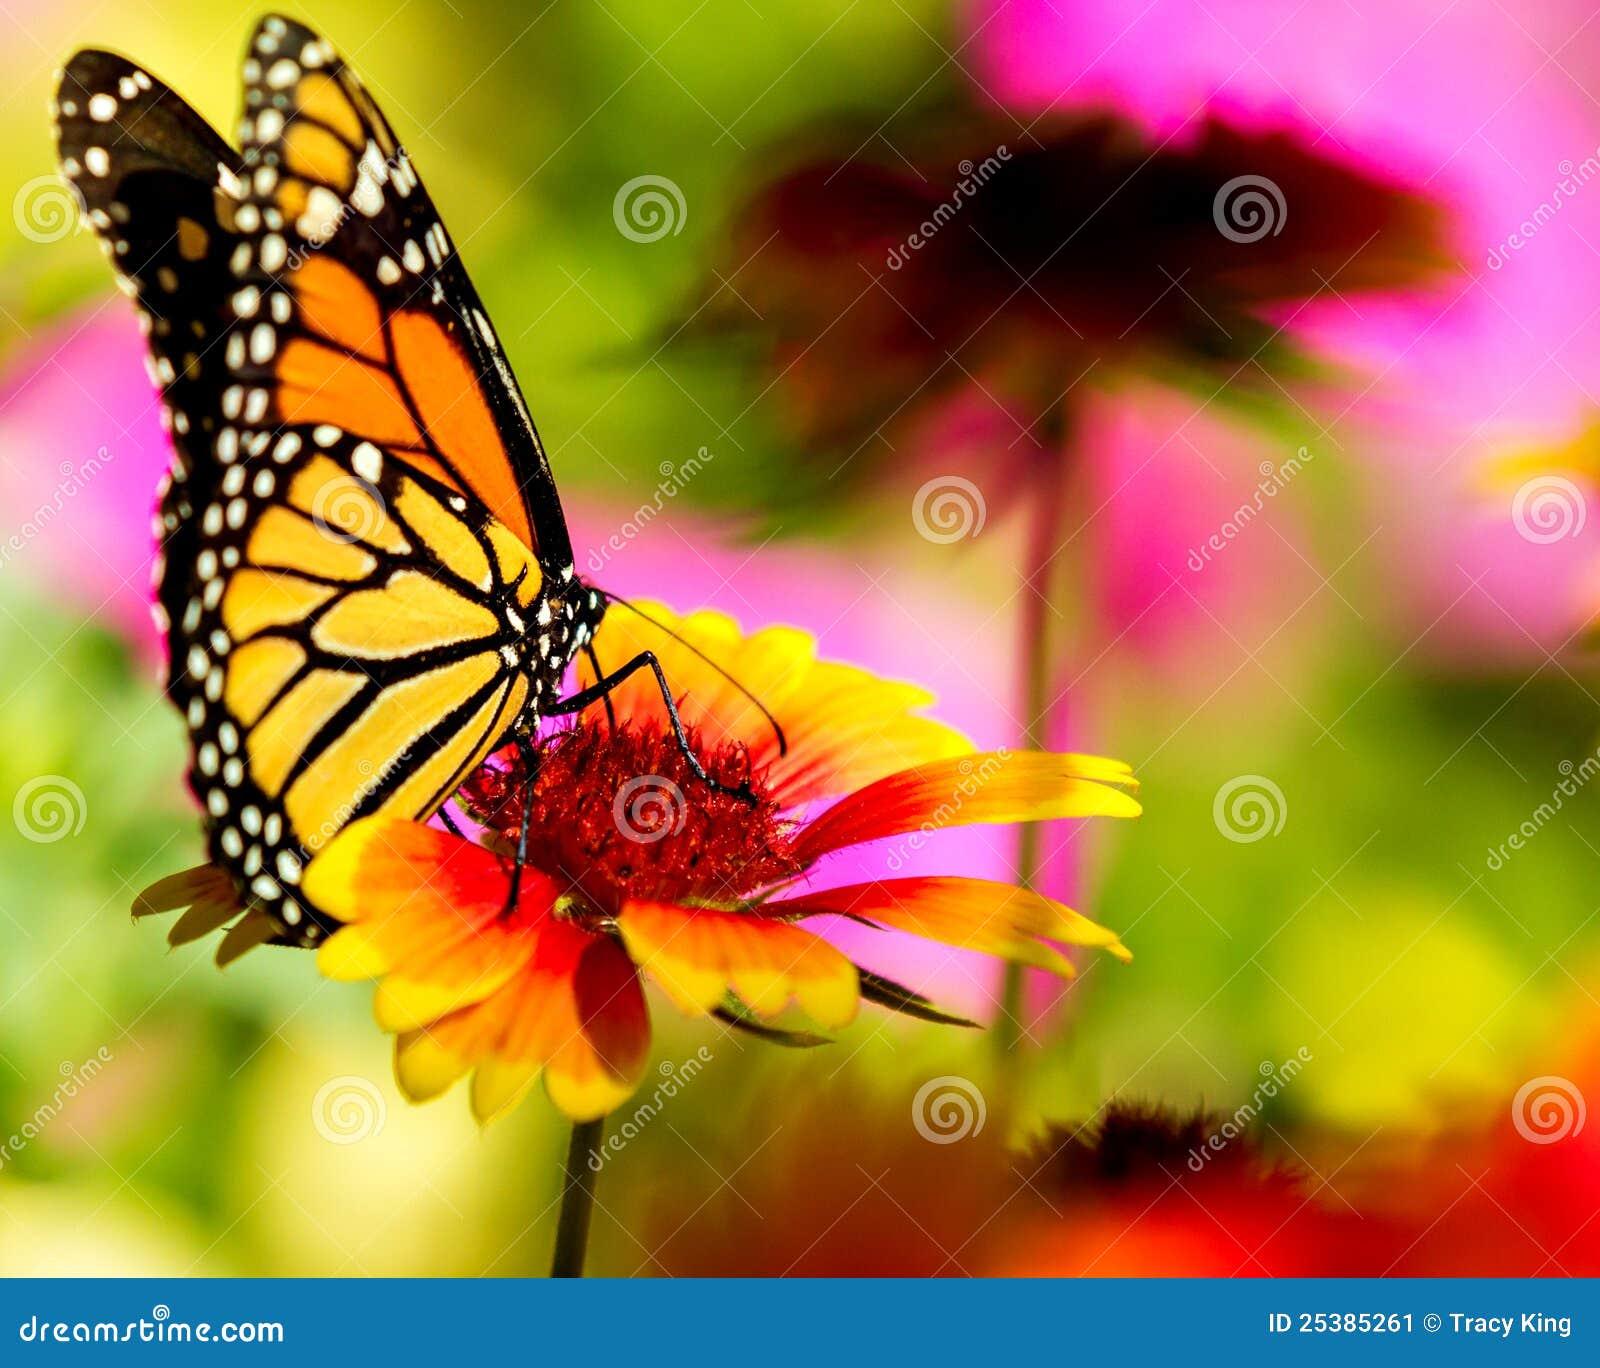 21 mooie kleurrijke vlinder - photo #37